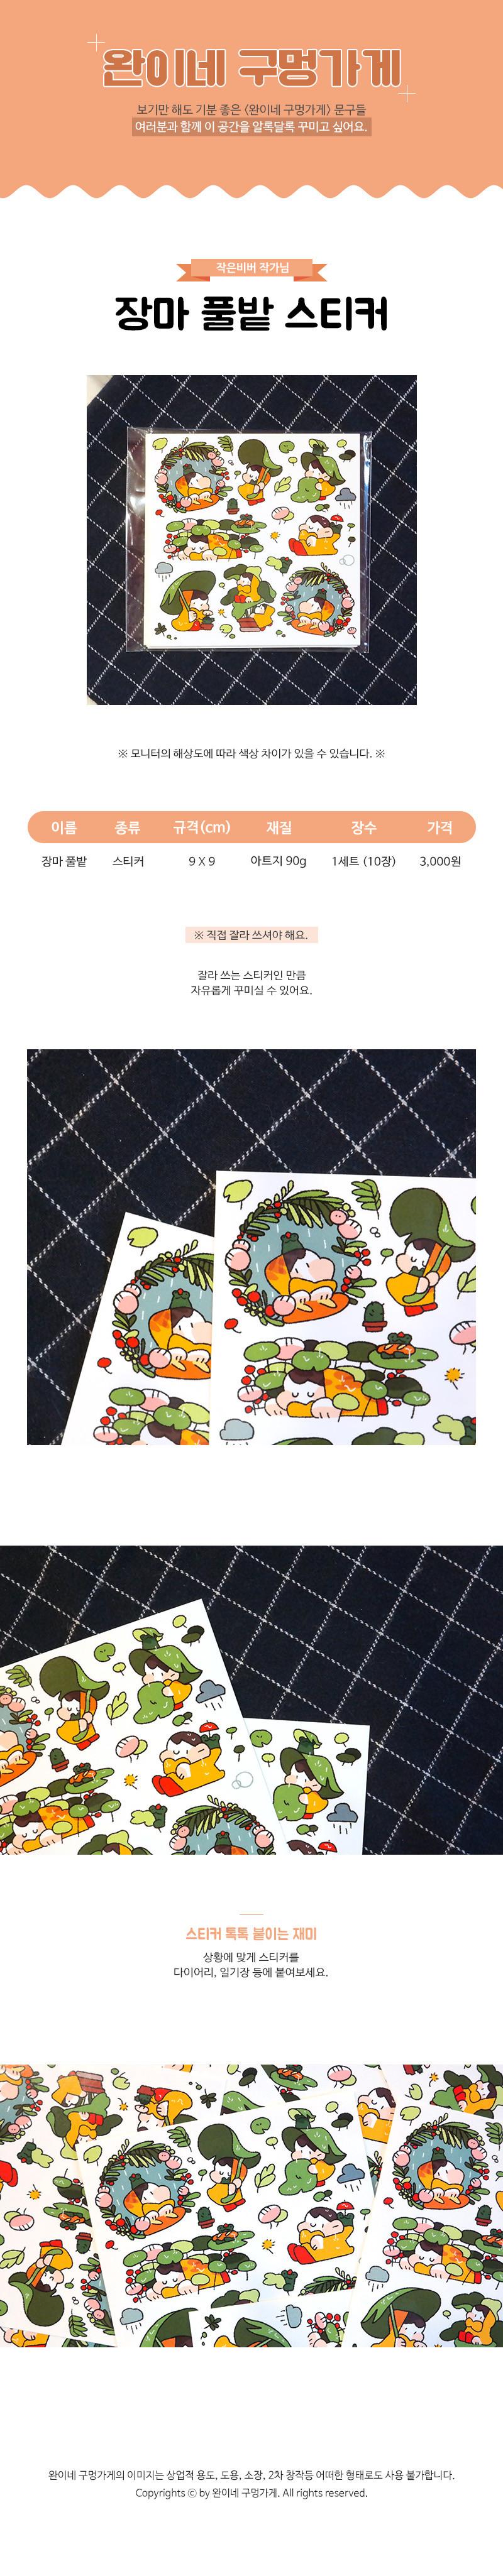 sticker593